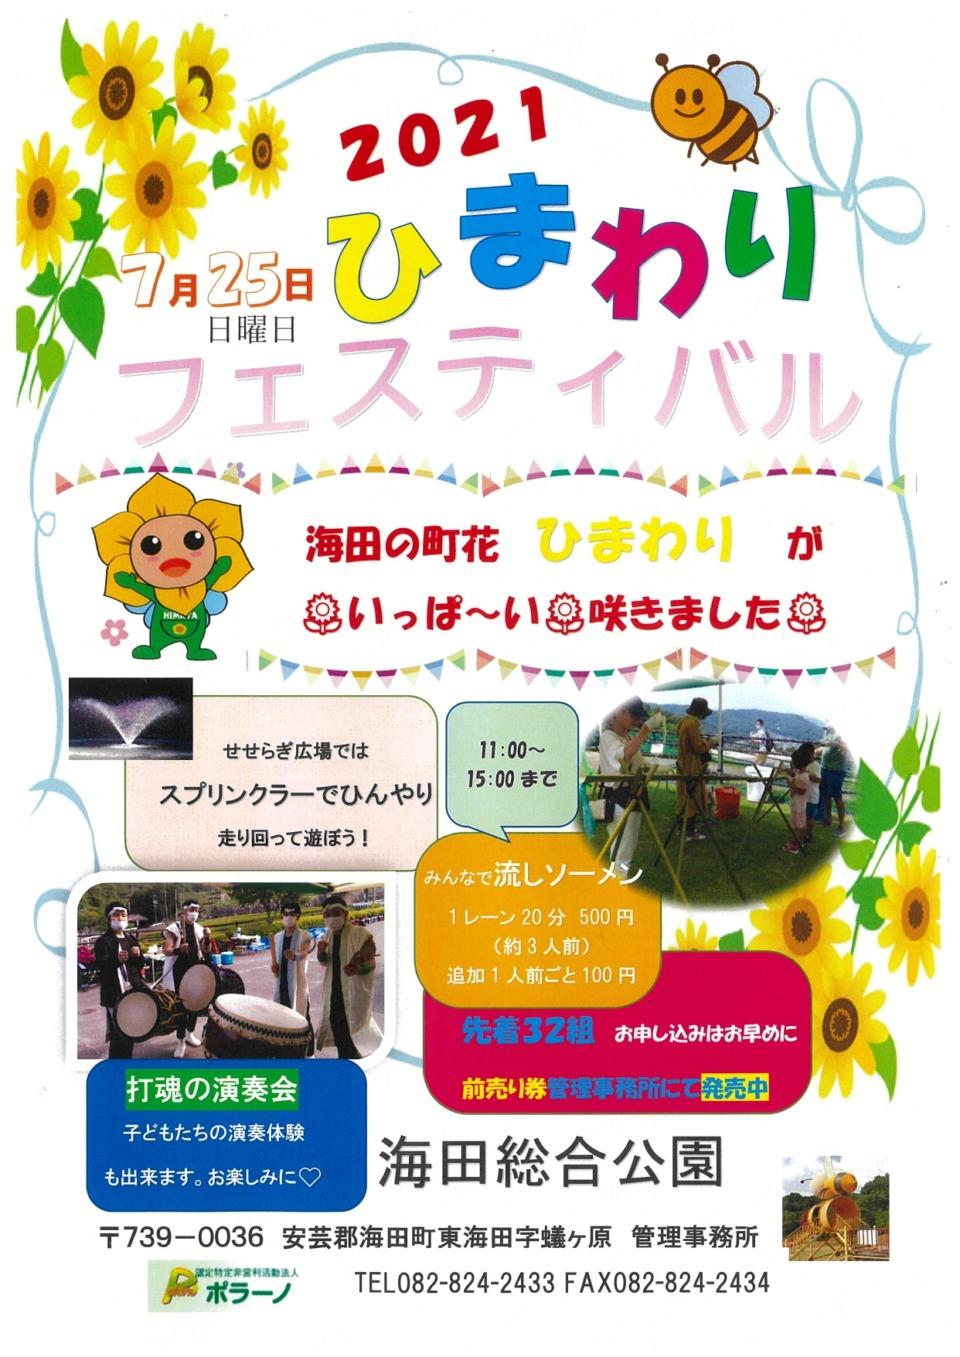 ひまわりフェスティバル